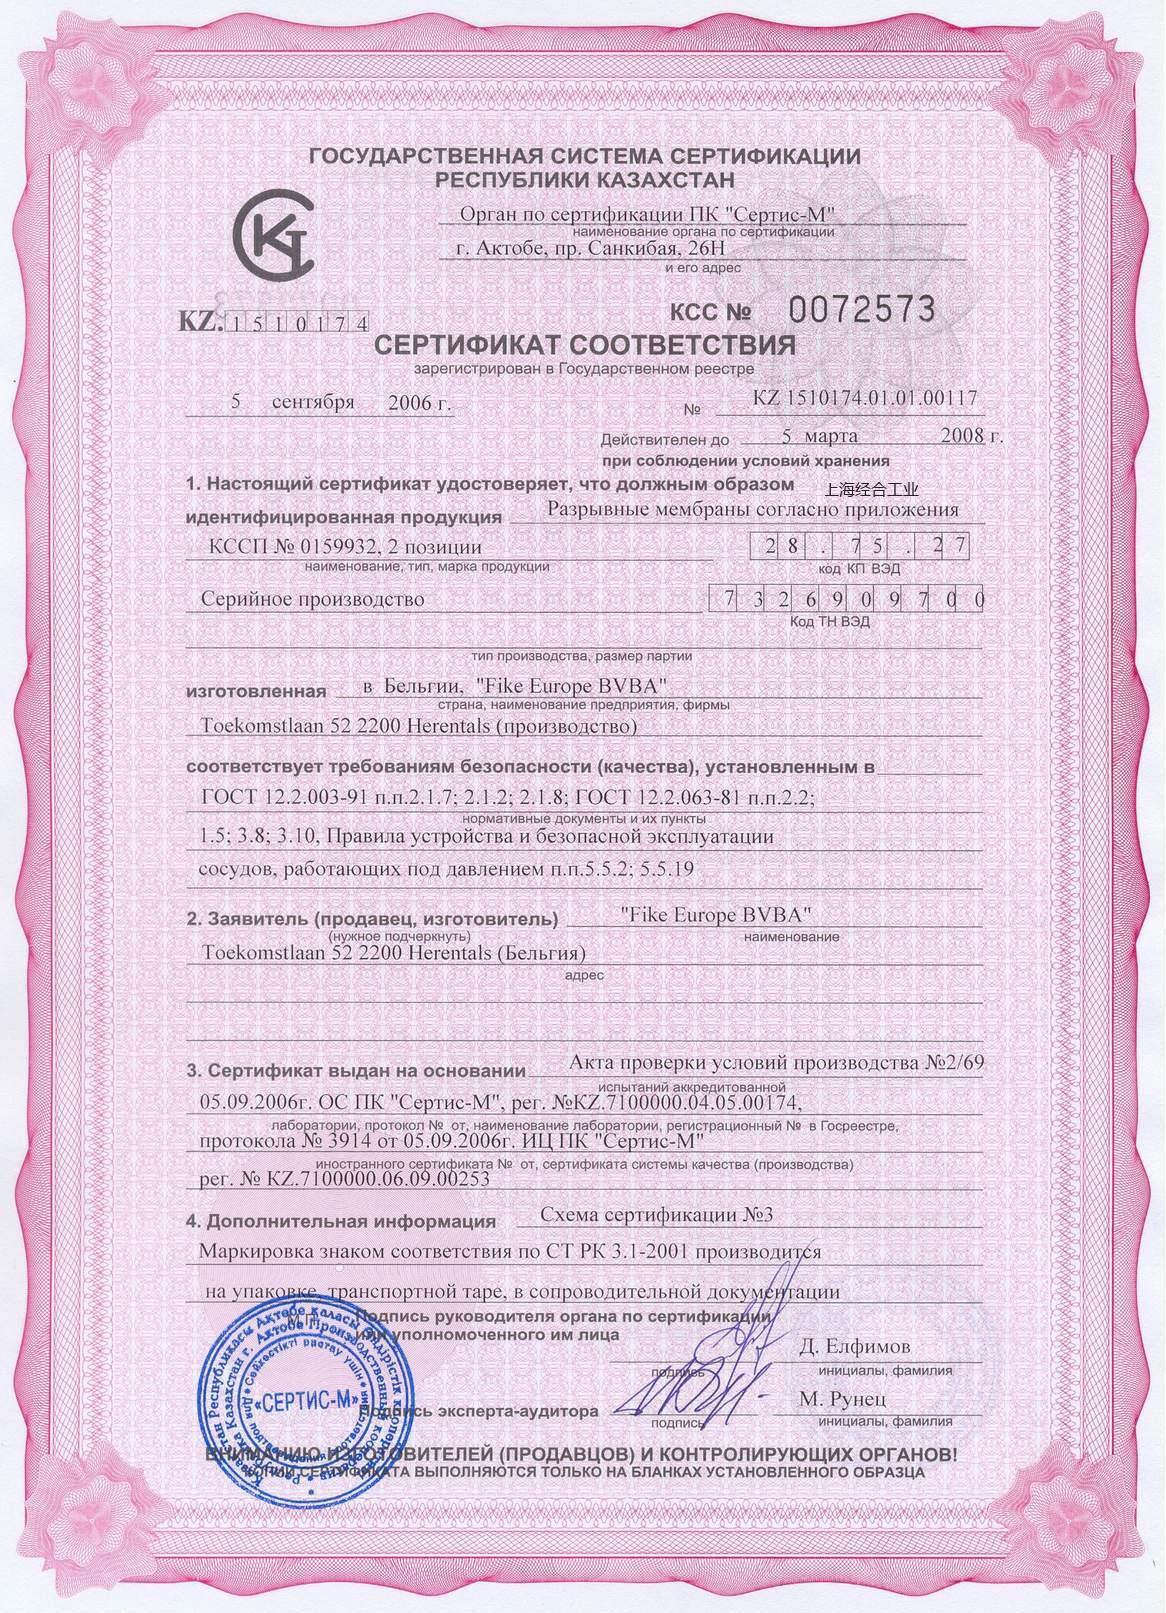 自愿性哈萨克斯坦GOST-K认证